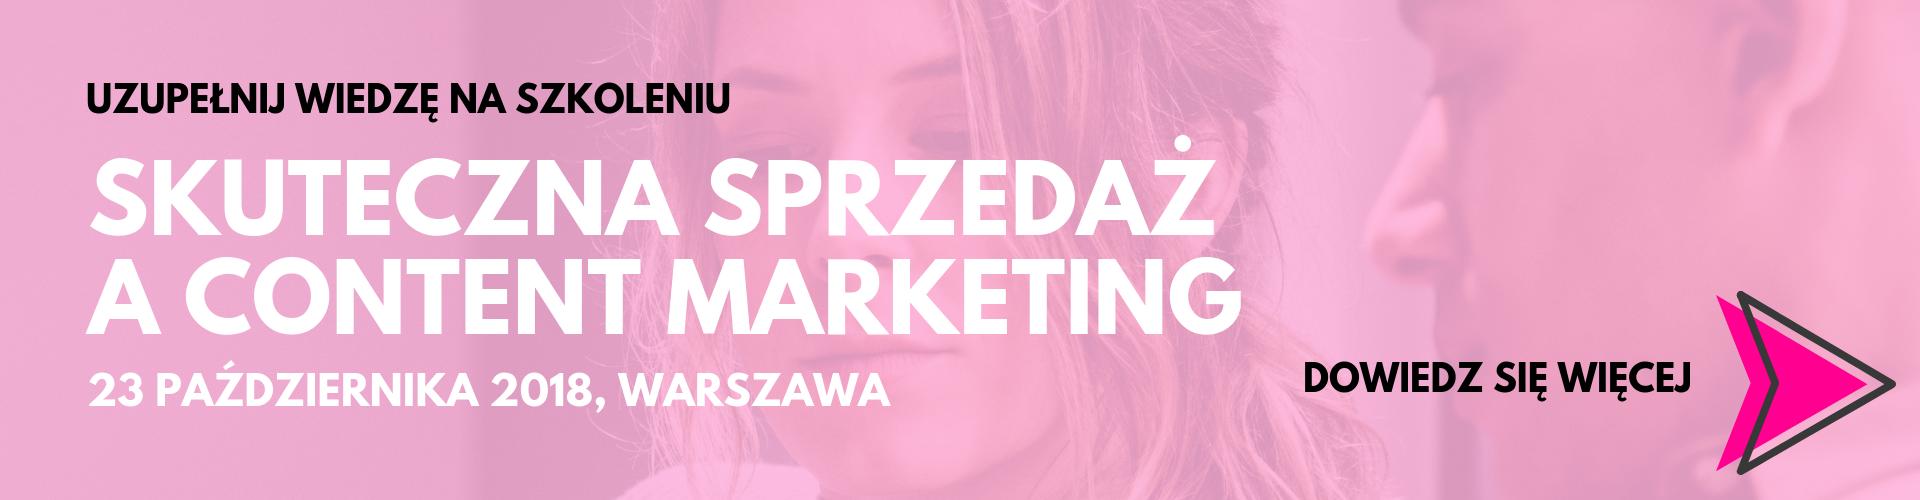 Skuteczna sprzedaża content marketing 23 października warszawa_baner